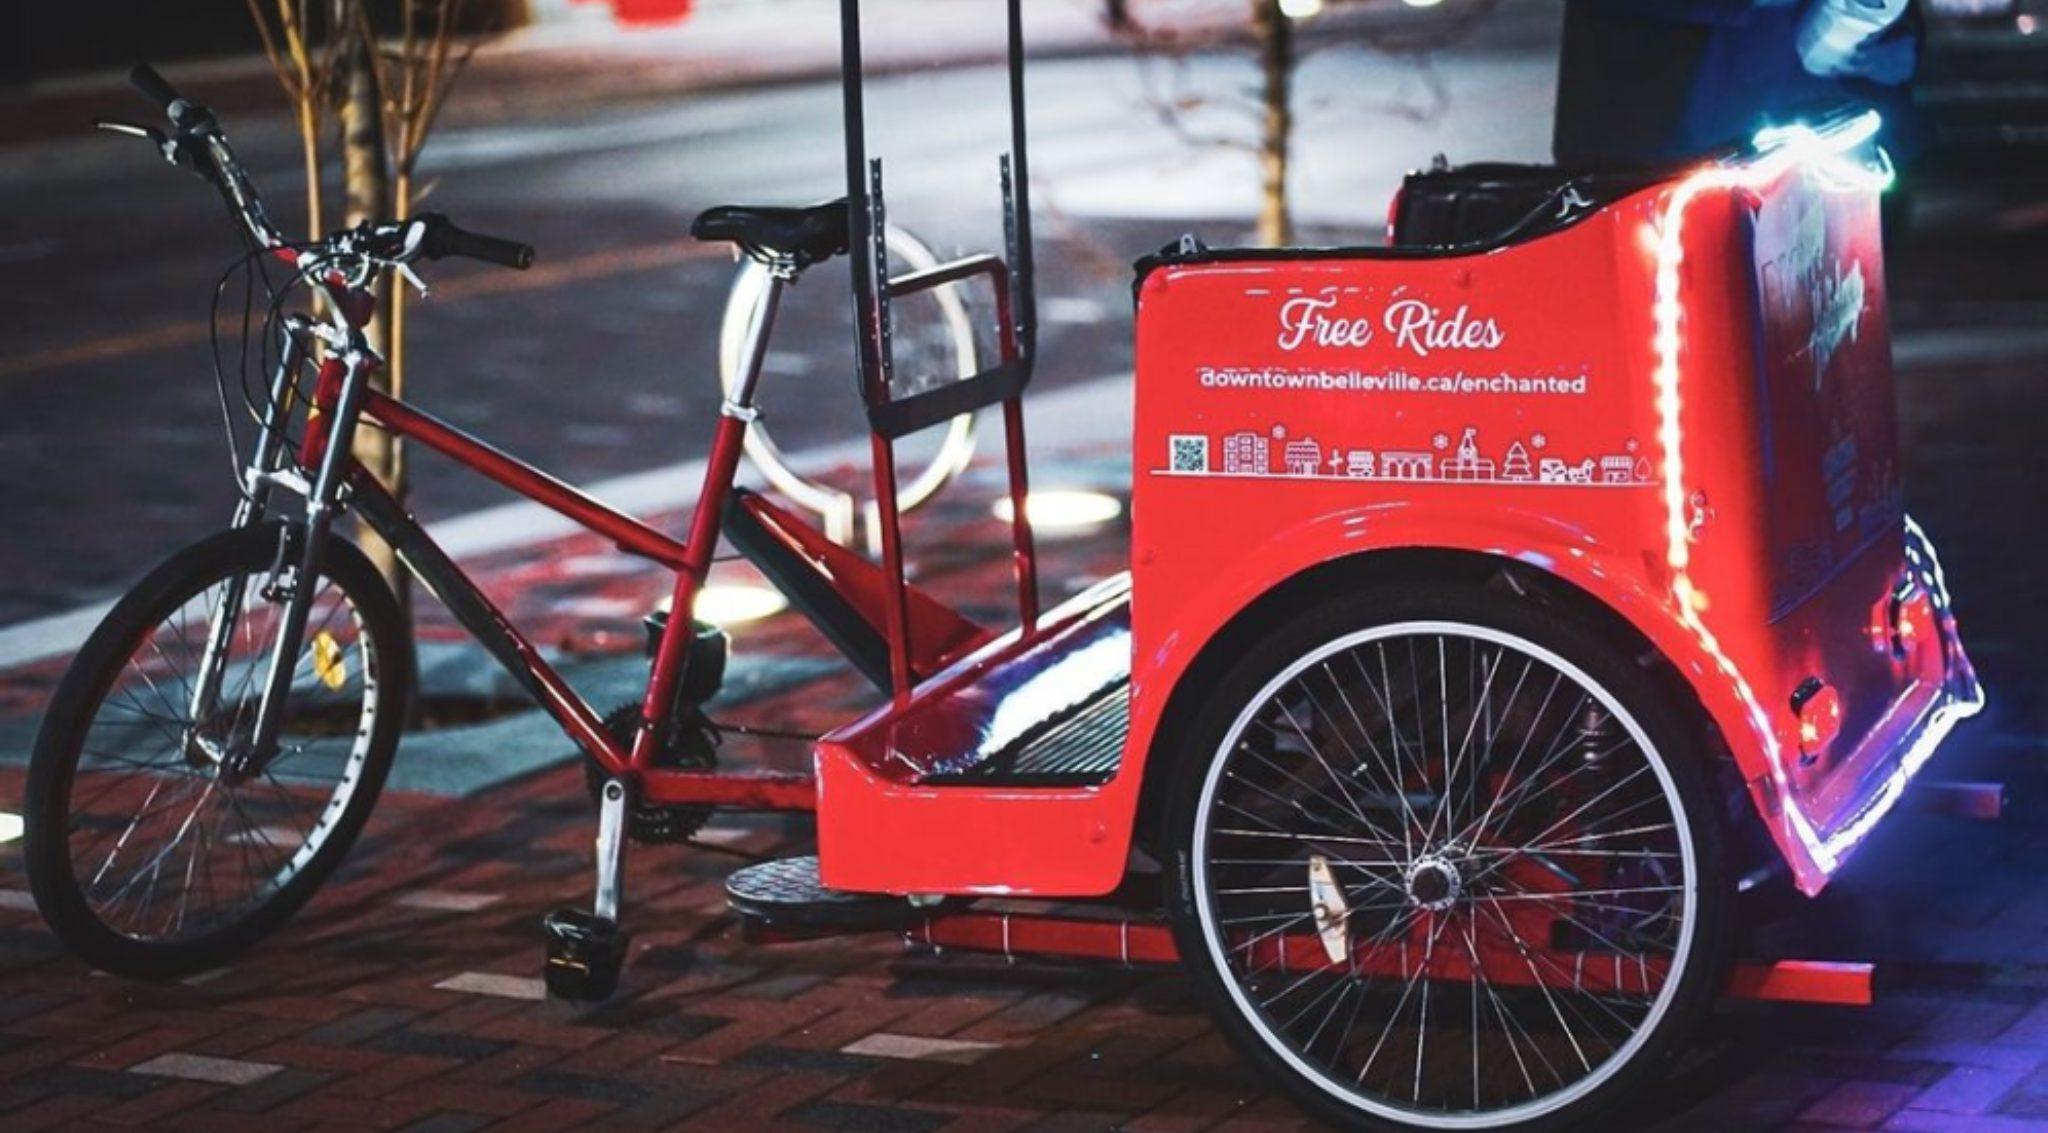 A red pedicab on a sidewalk at night.